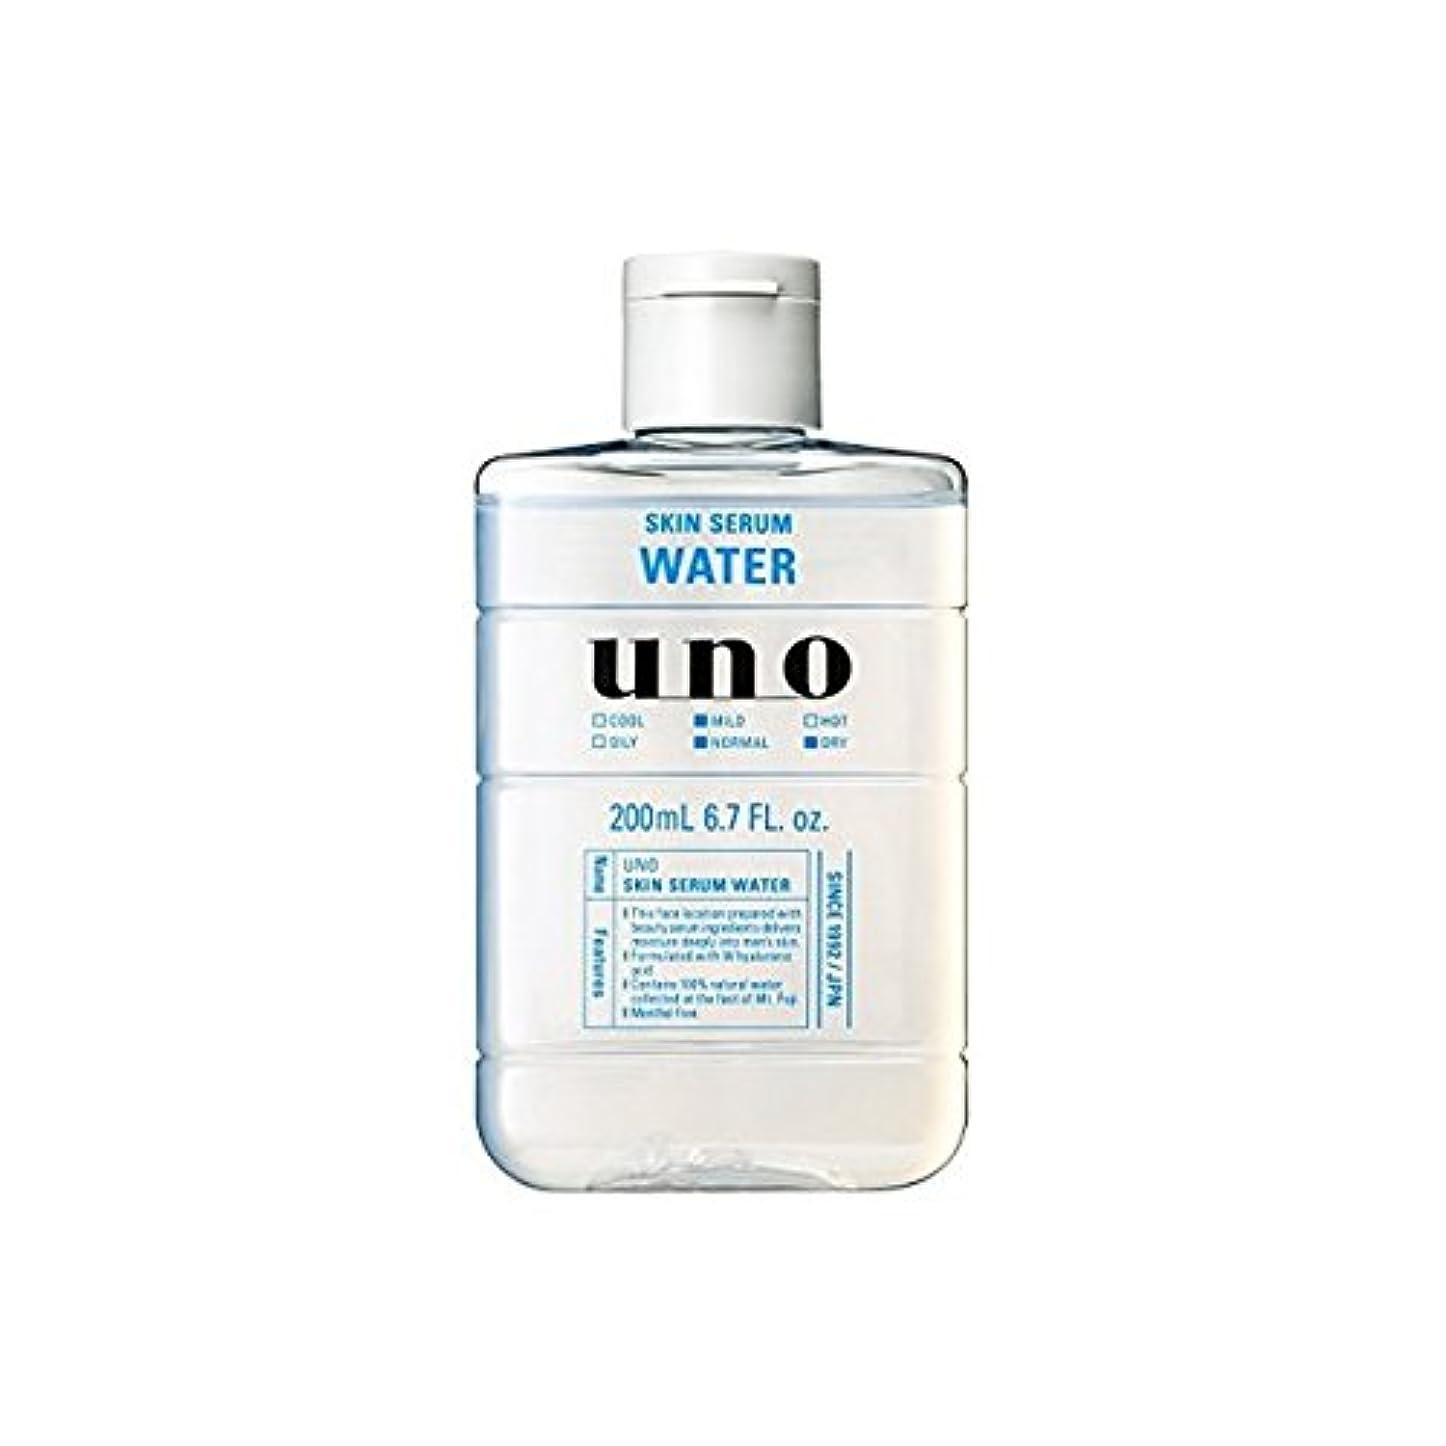 タンザニア継続中値UNO(ウーノ) スキンセラムウォーター 本体 200mL